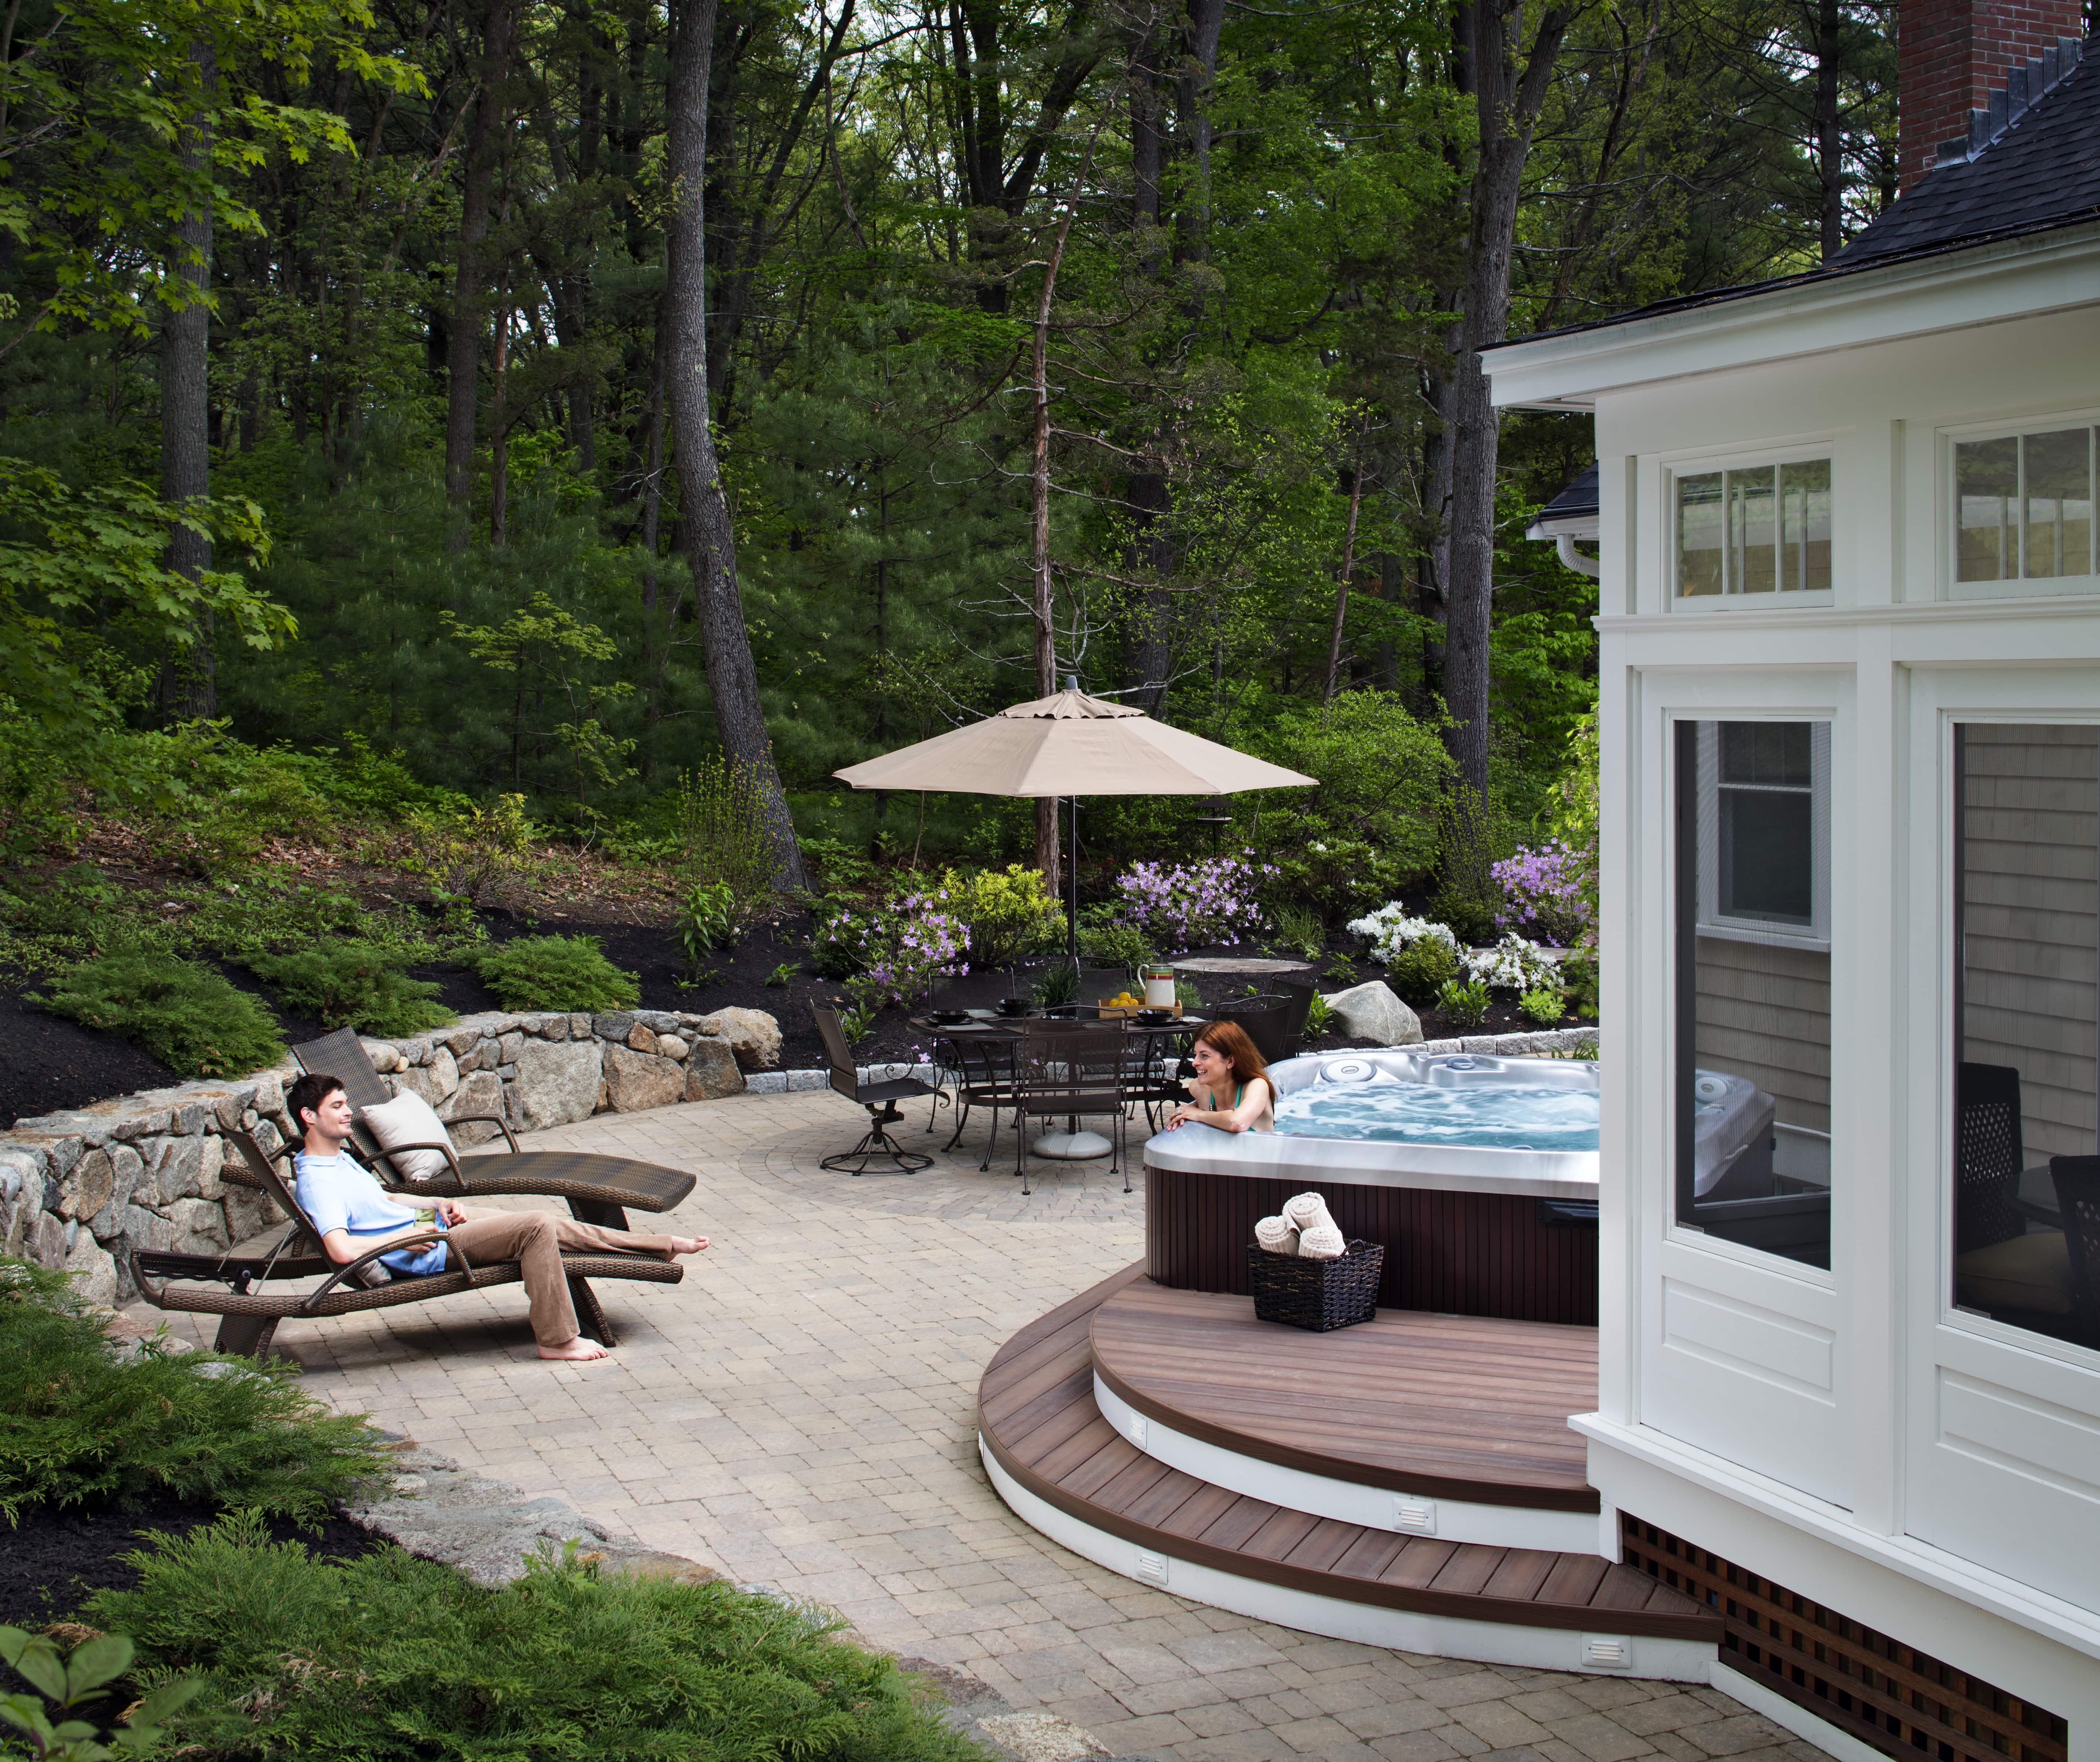 Couple enjoying lounging on patio and hot tub